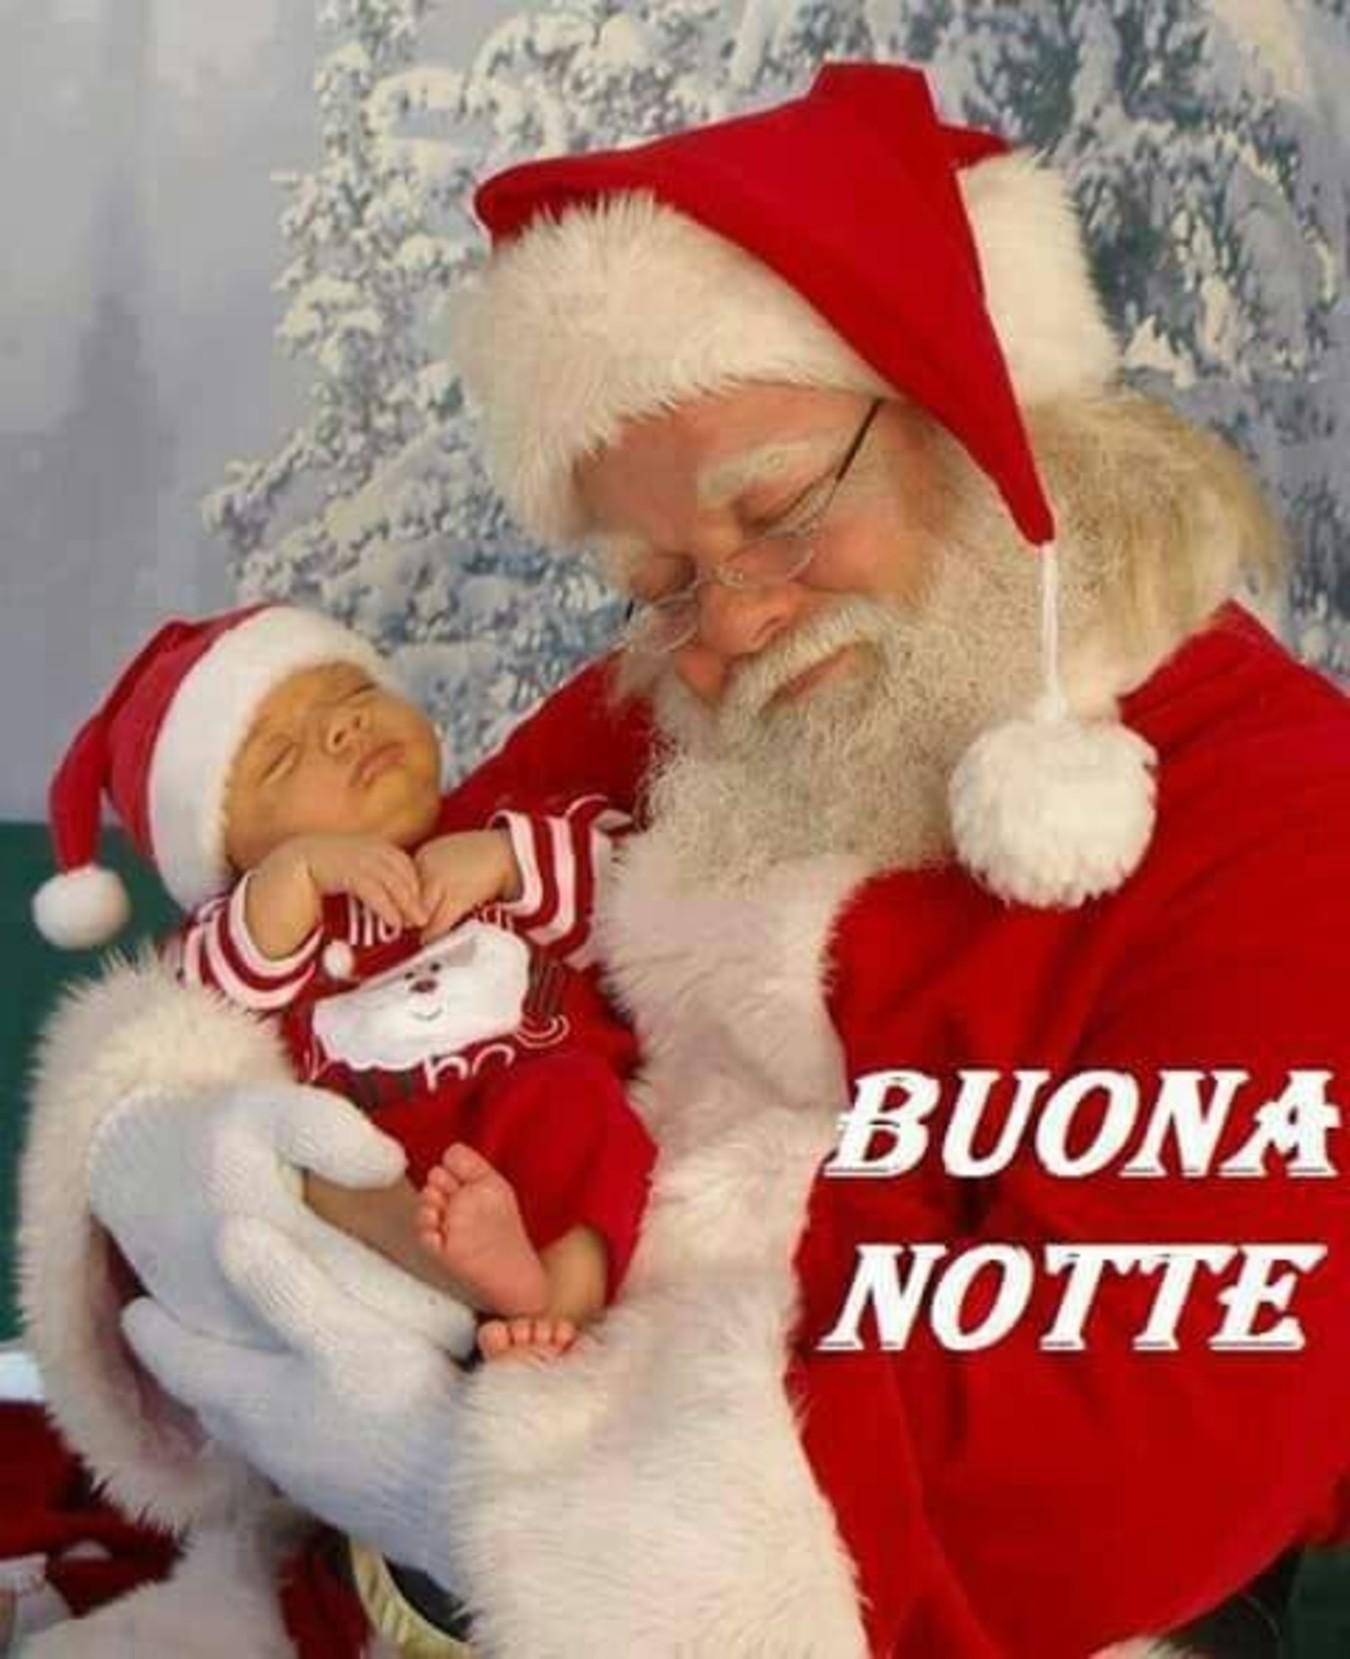 Immagini Buonanotte natalizie 10